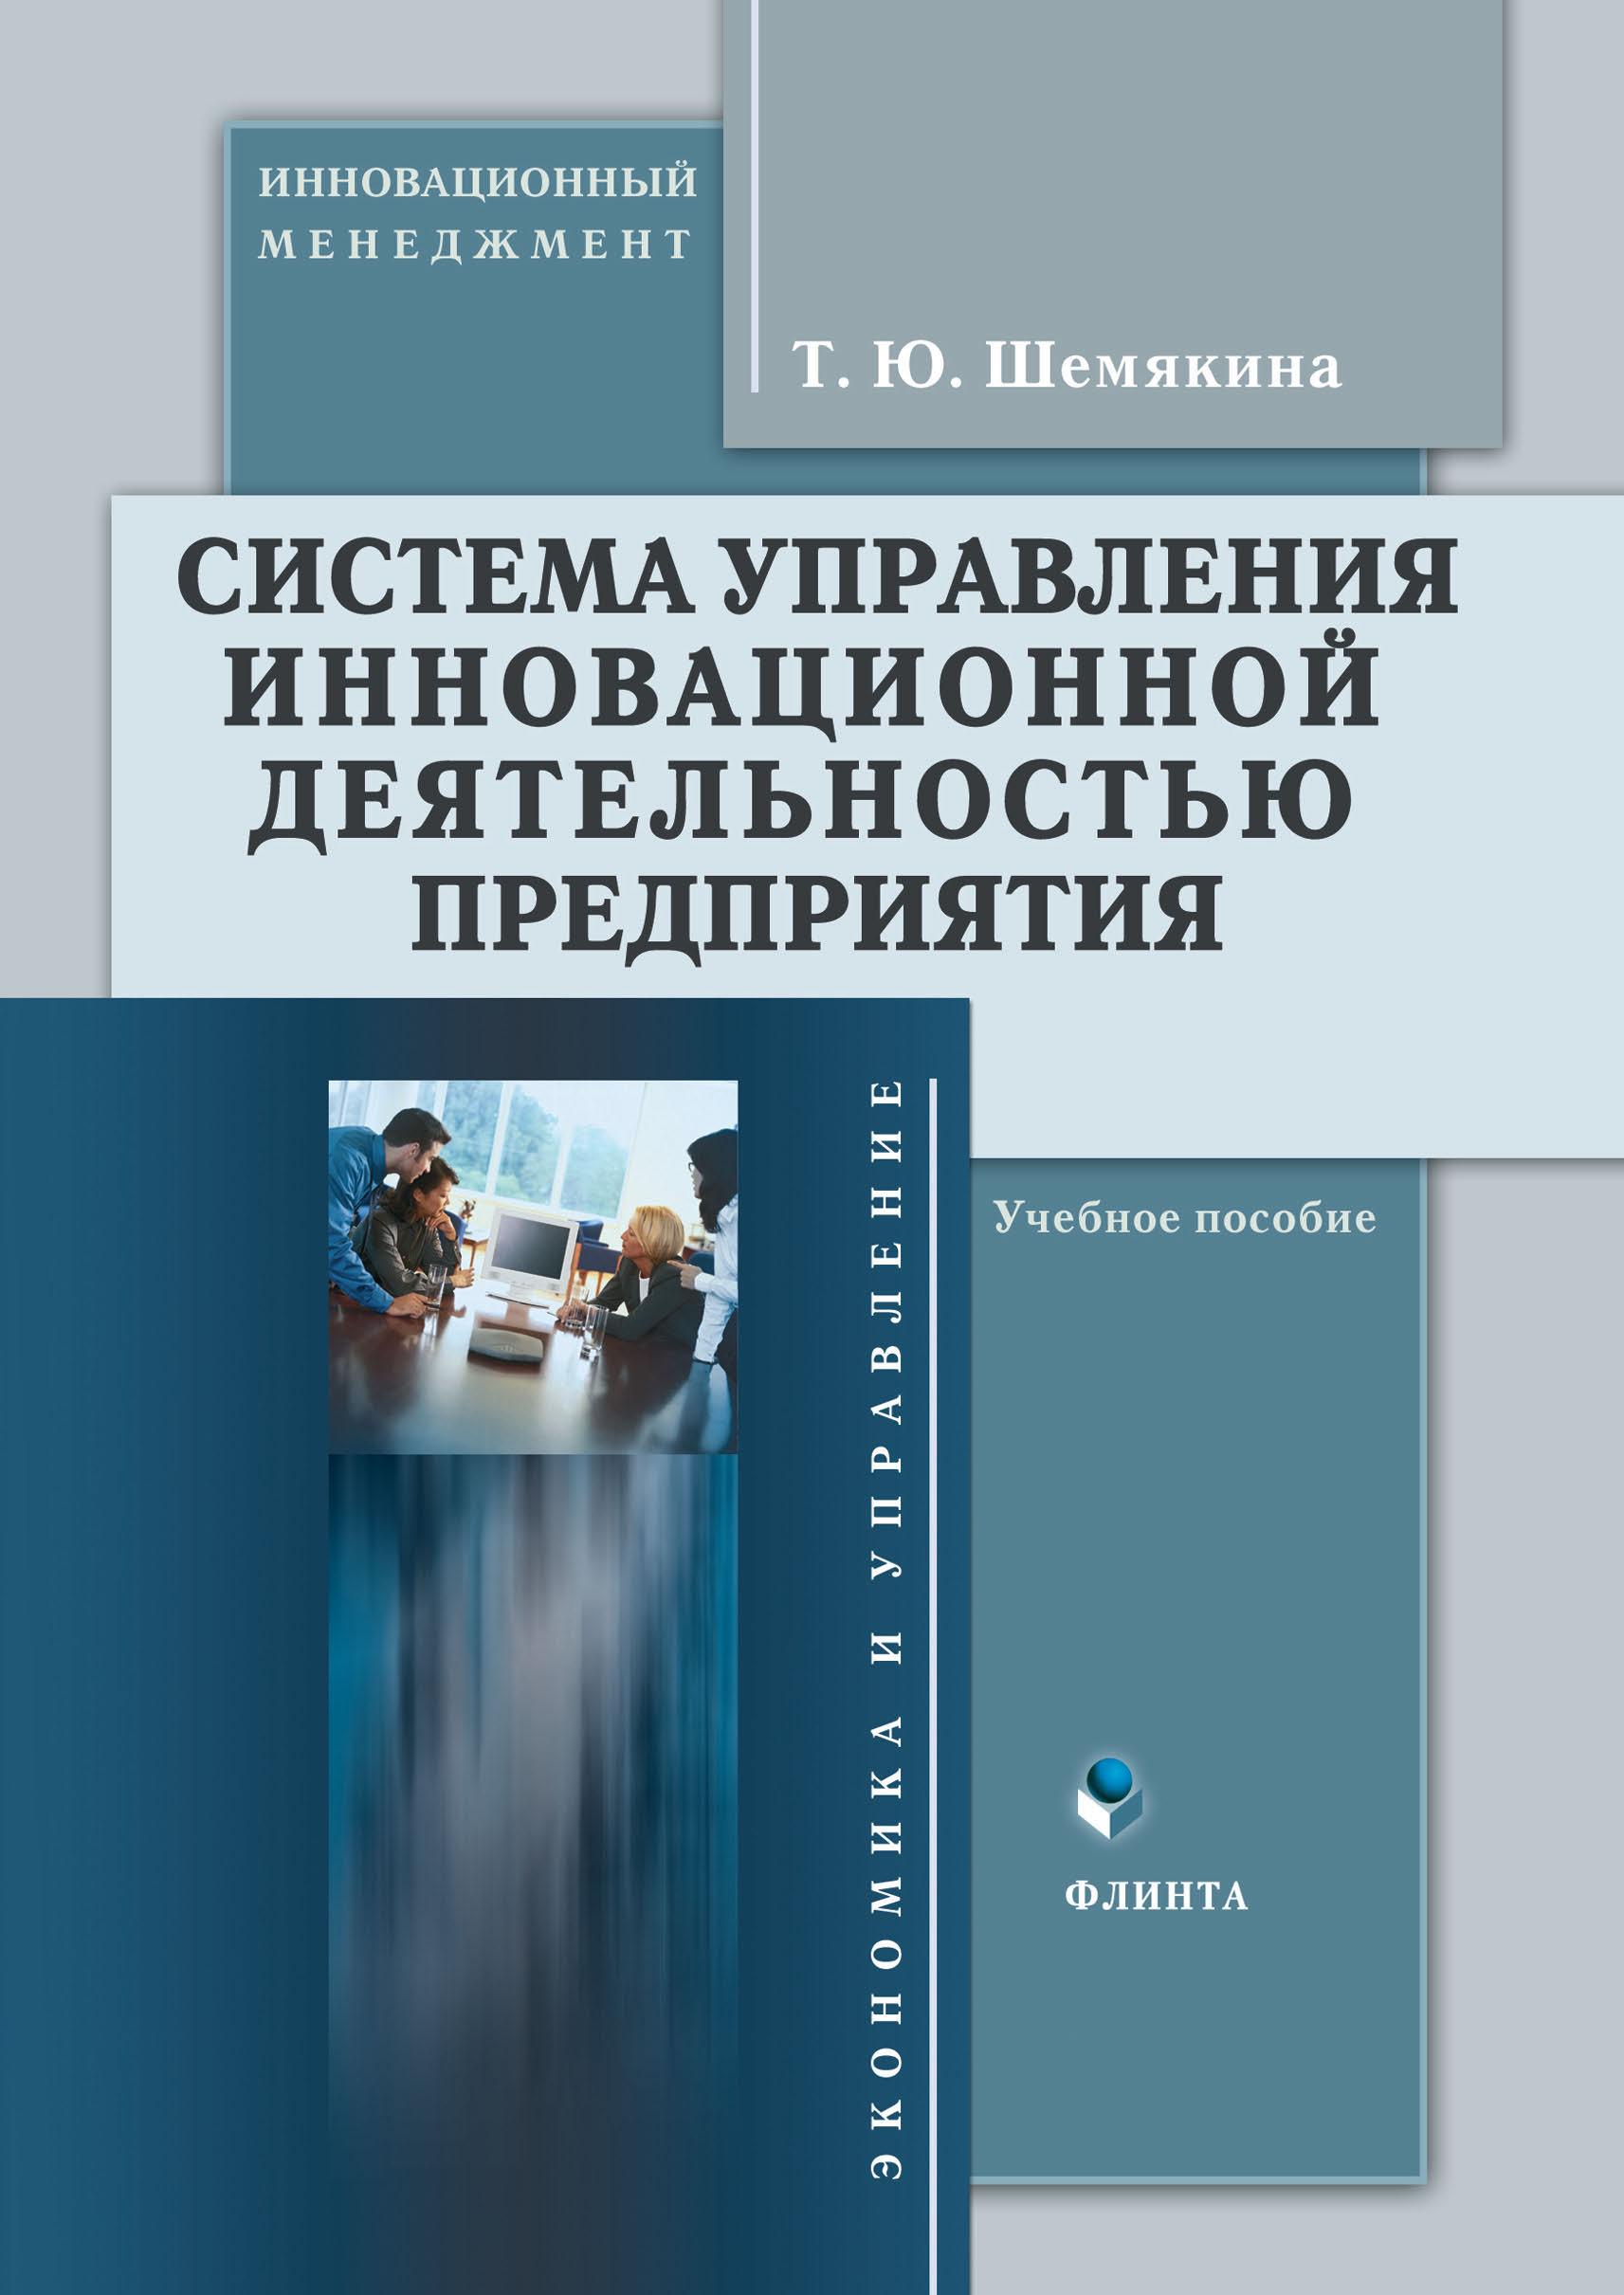 Т. Ю. Шемякина Система управления инновационной деятельностью предприятия. Учебное пособие